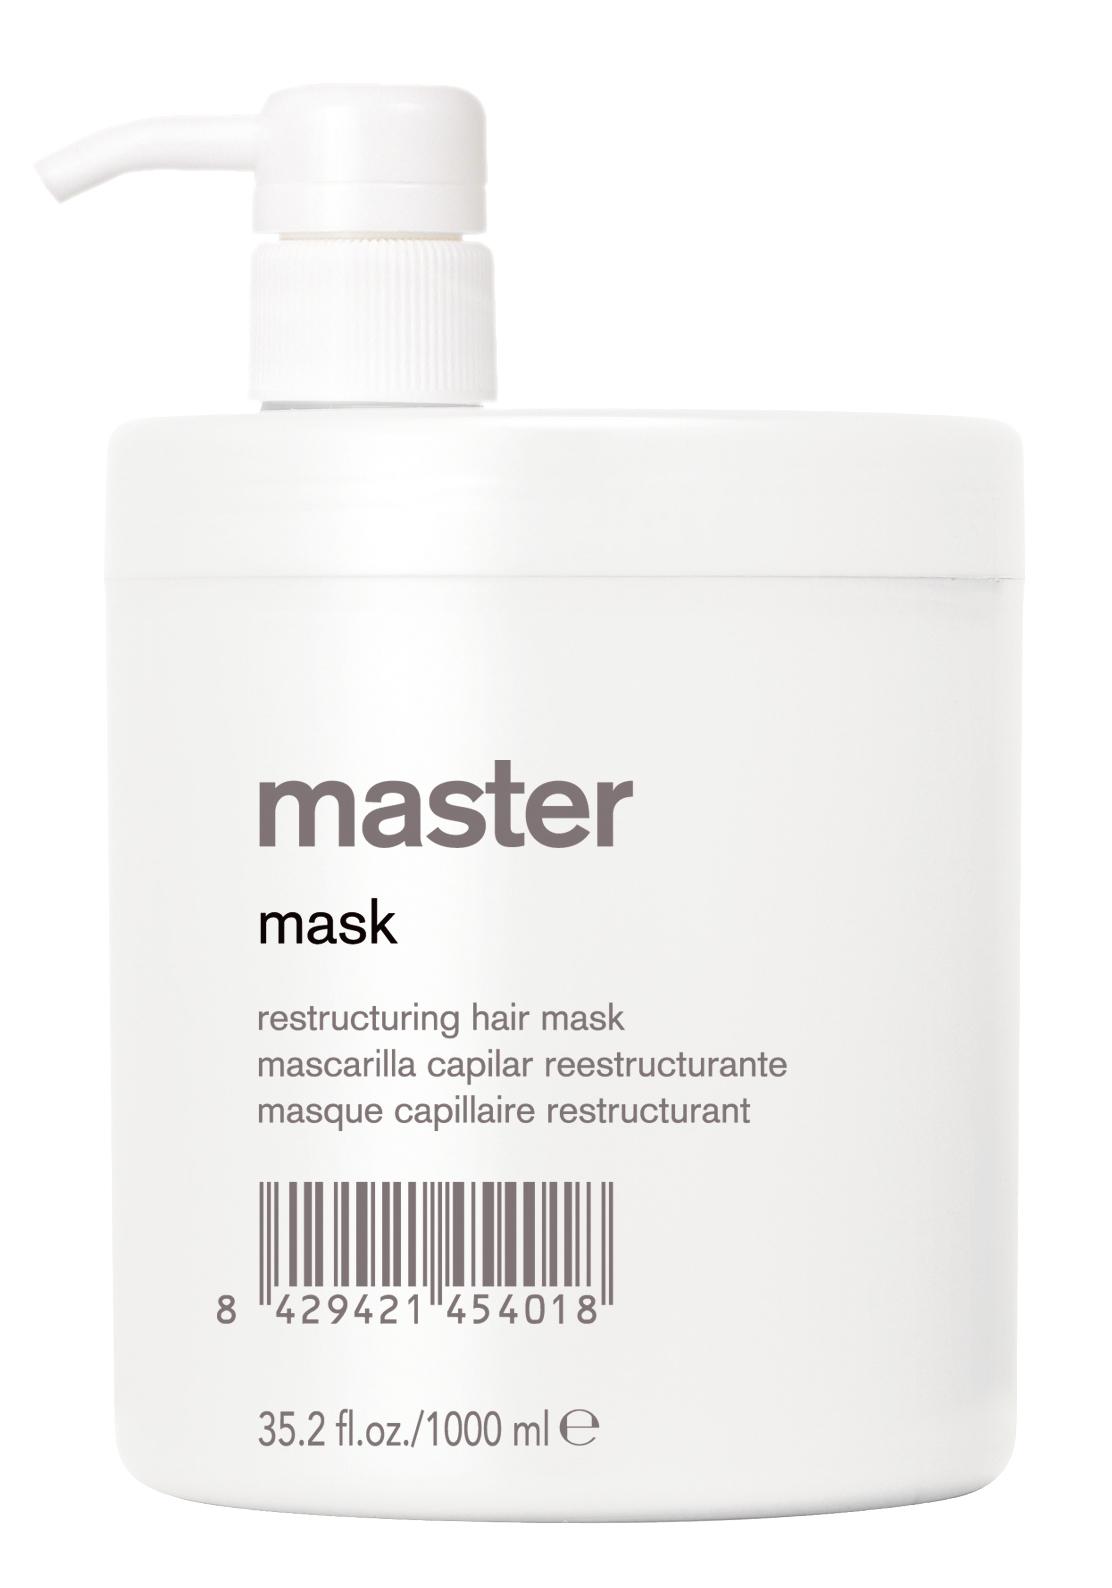 LAKME Маска реструктурирующая для волос / MASK 1000 мл  - Купить